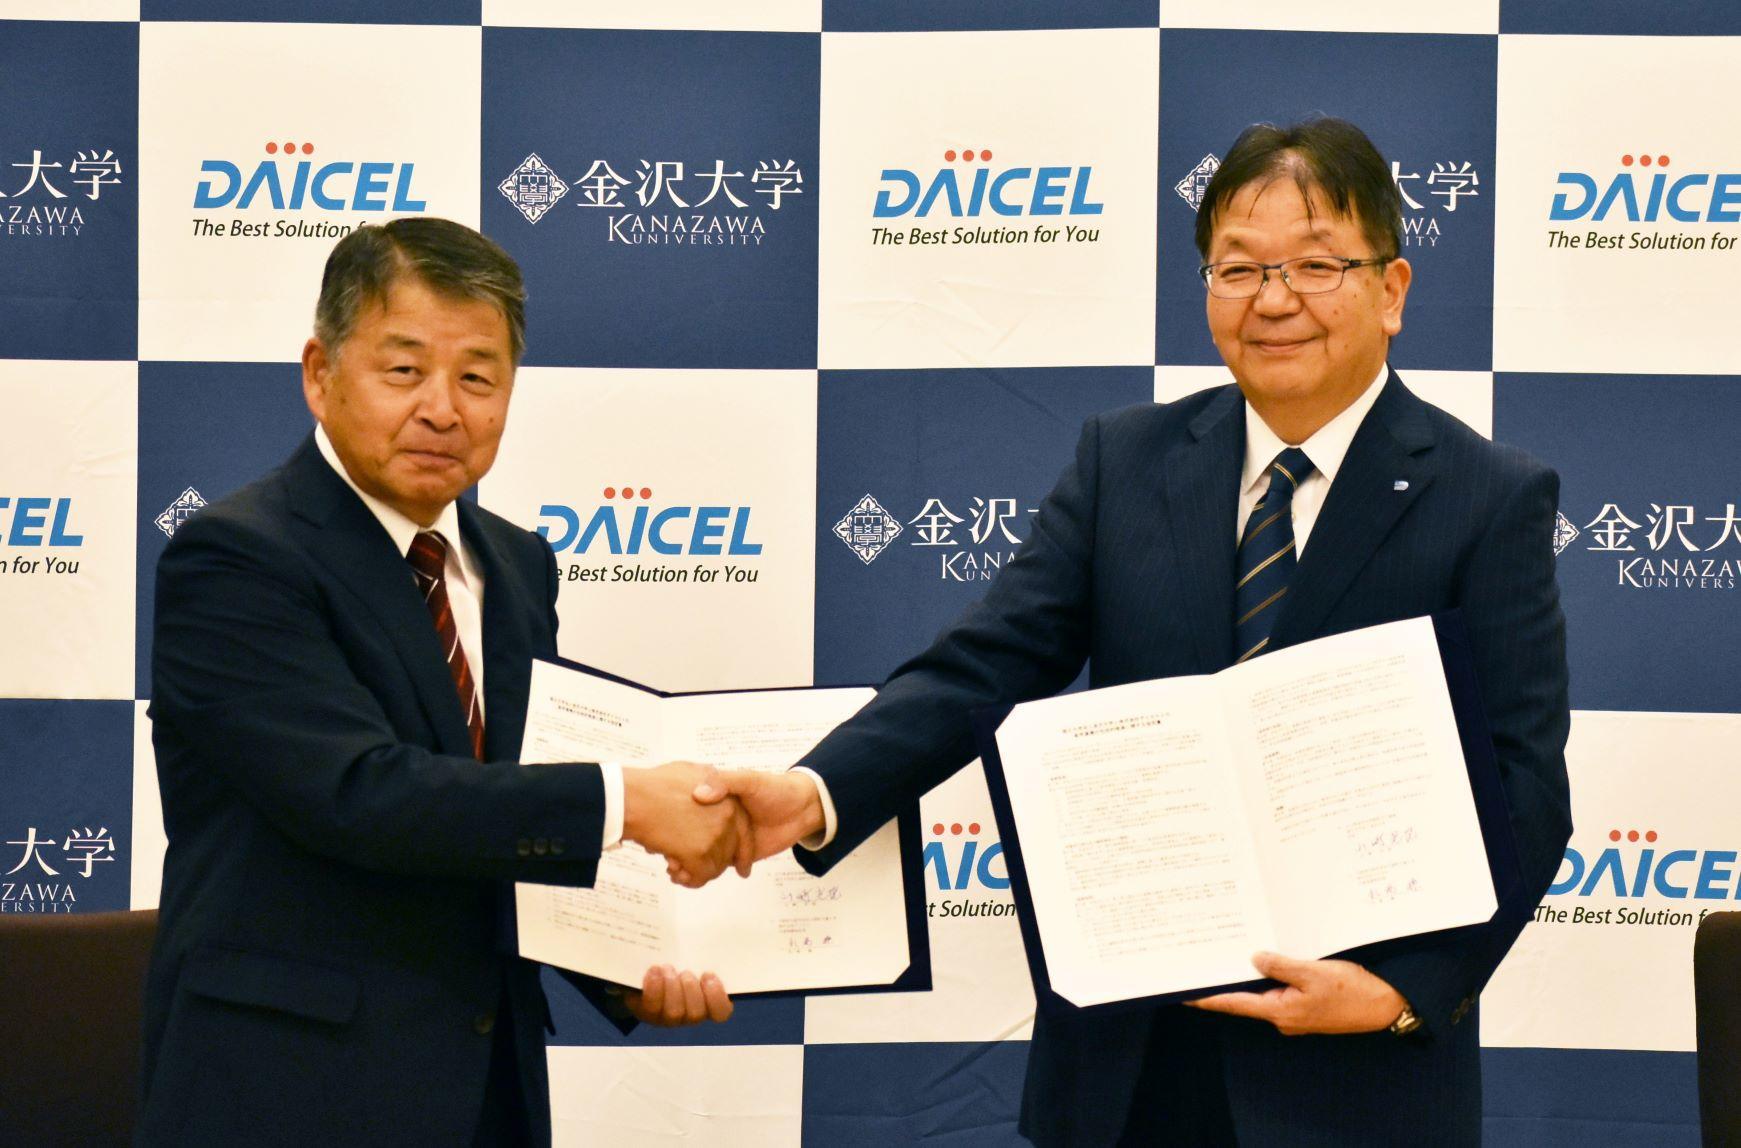 金沢大学が株式会社ダイセルと産学連携の包括的協定を締結 -- セルロース分野の研究や技術者育成を強化